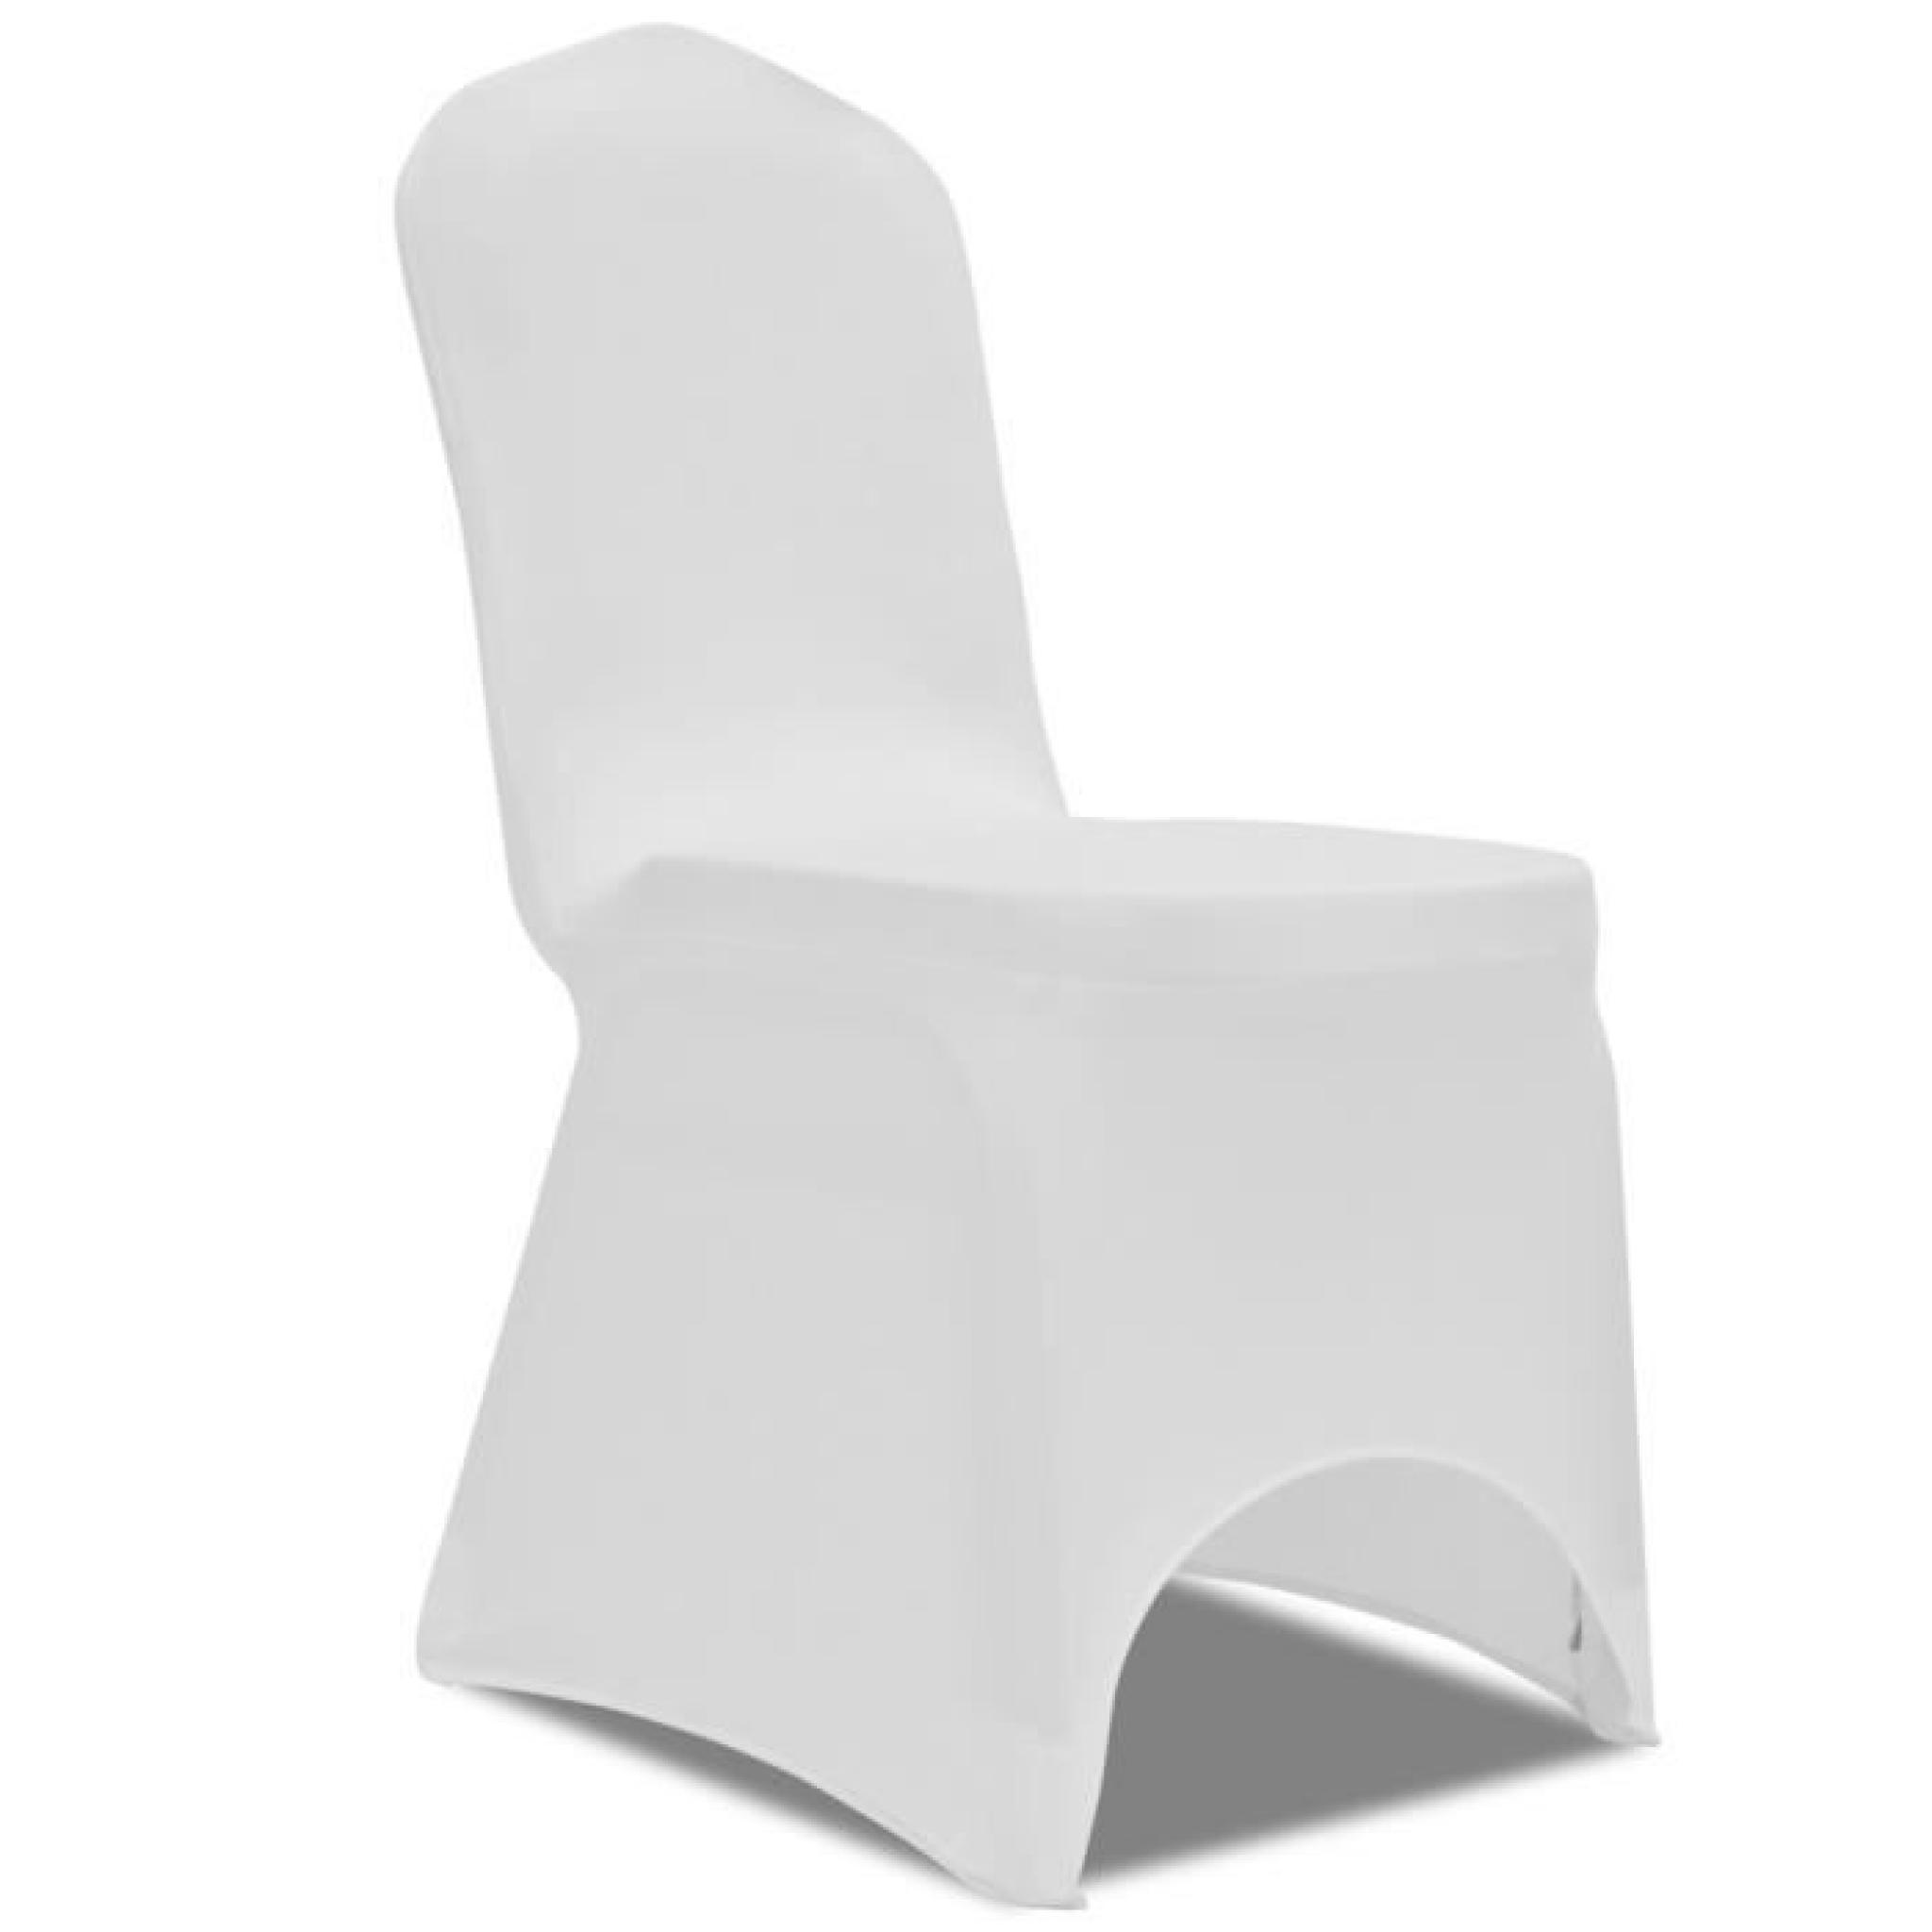 Magnifique Housse blanche extensible pour chaise 6 pieces